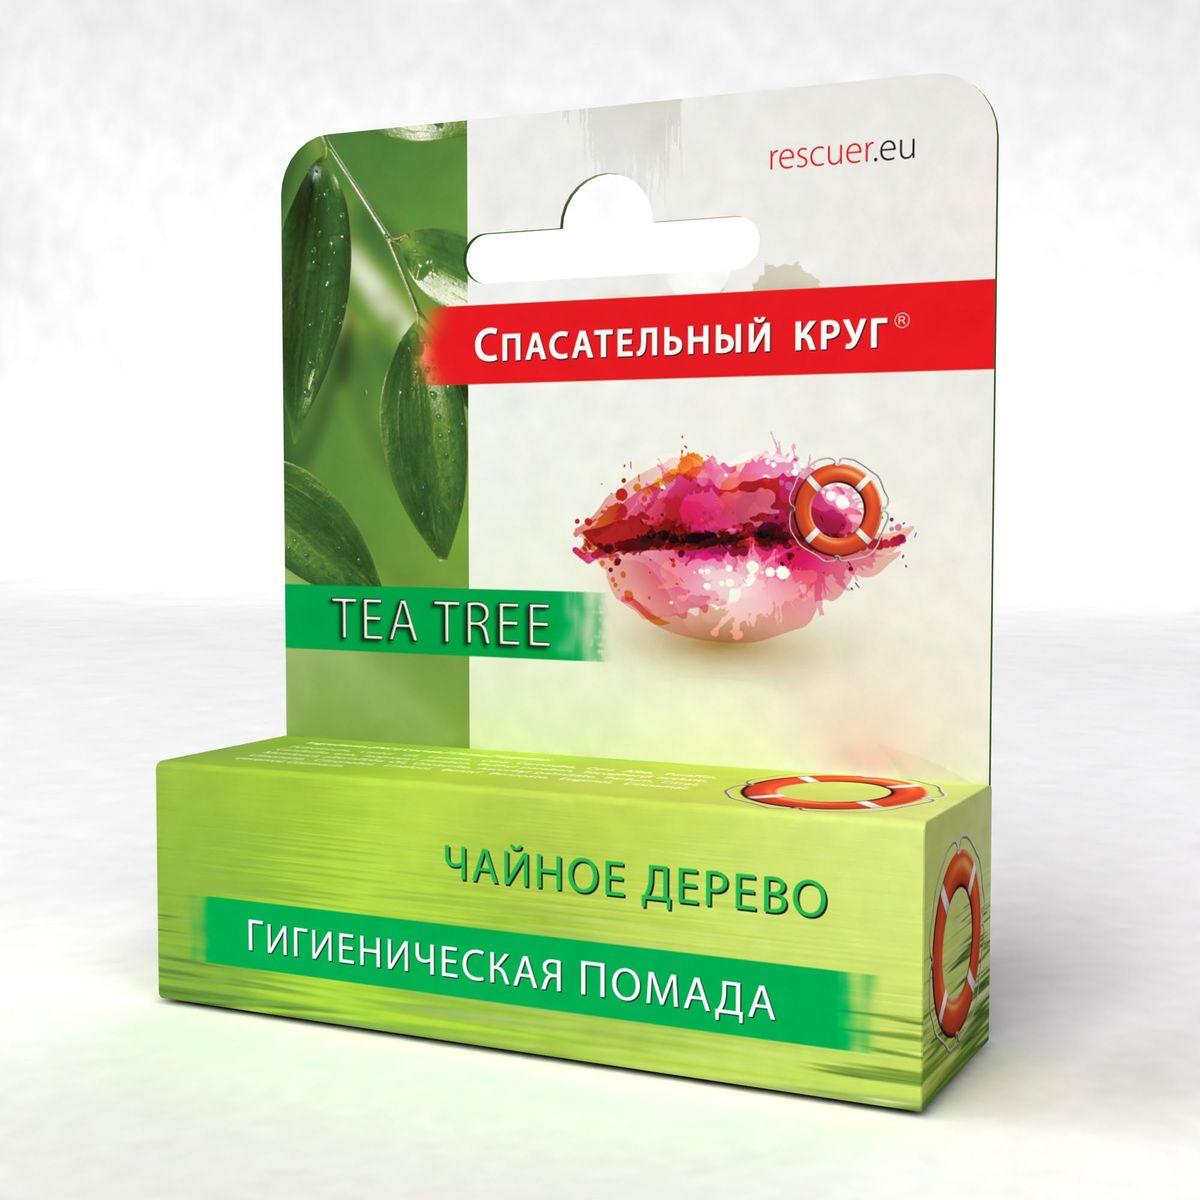 Спасательный круг Гигиеническая помада Чайное дерево, 4,6 млSKP04Обладает интенсивными защитными и антисептическими свойствами. Эффективно восстанавливает и успокаивает кожу. Смягчает, увлажняет и питает кожу губ. Помада может быть рекомендована как профилактическое средство при герпесе. В сезон холодов эффективно защищает губы от неблагоприятного воздействия окружающей среды.